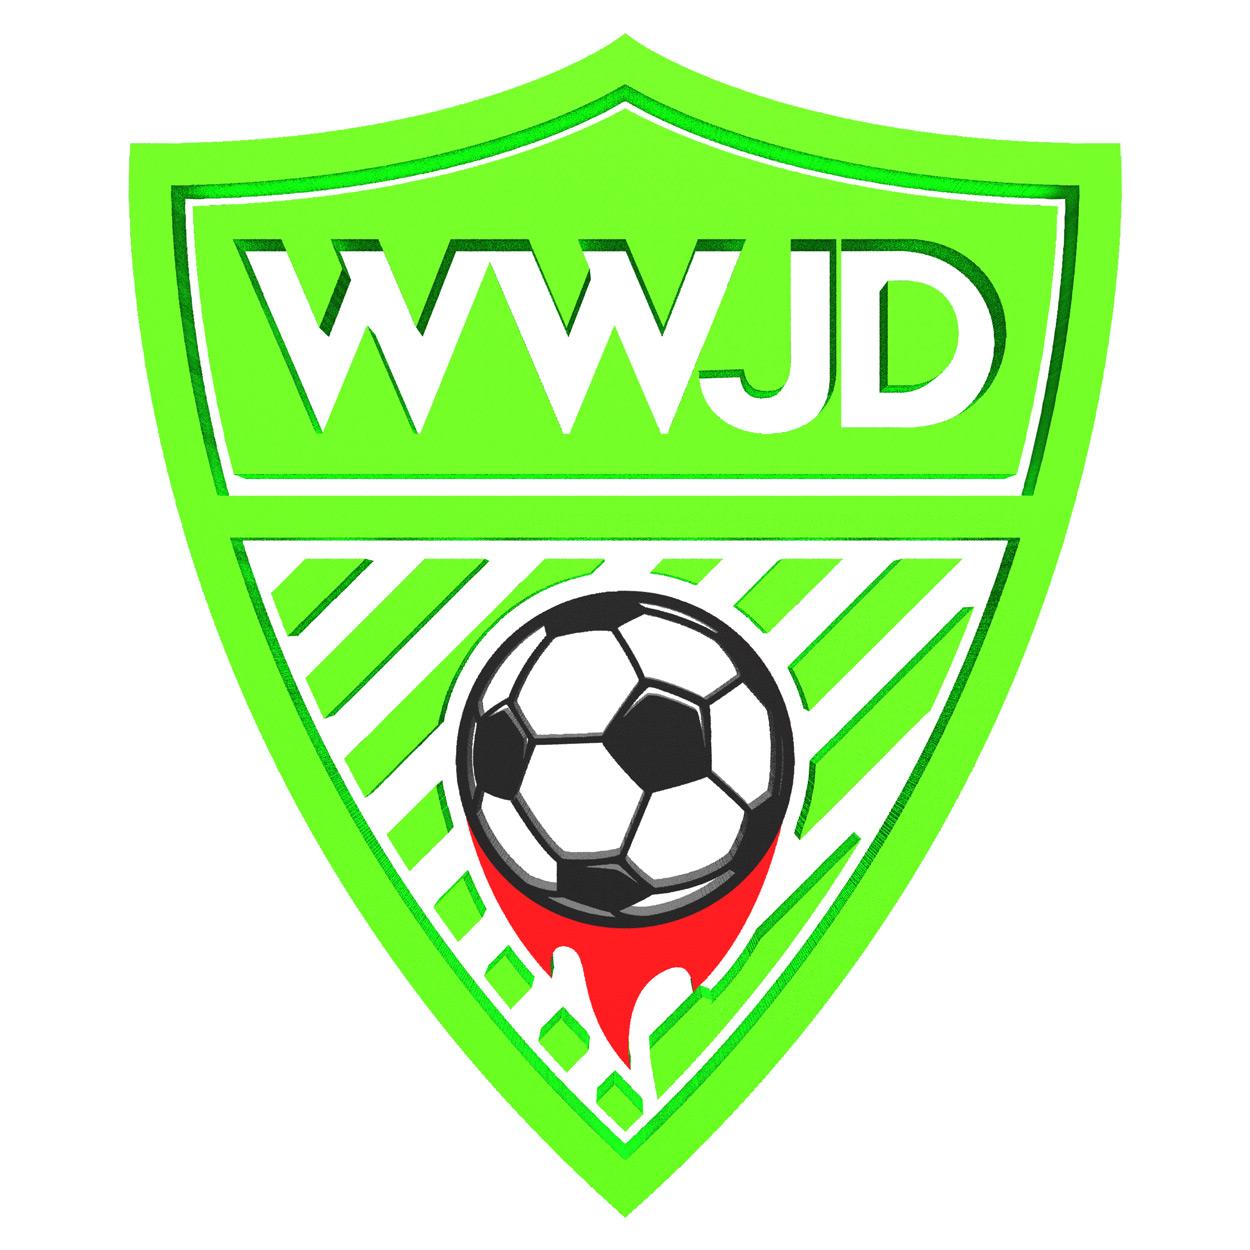 logo WWJD